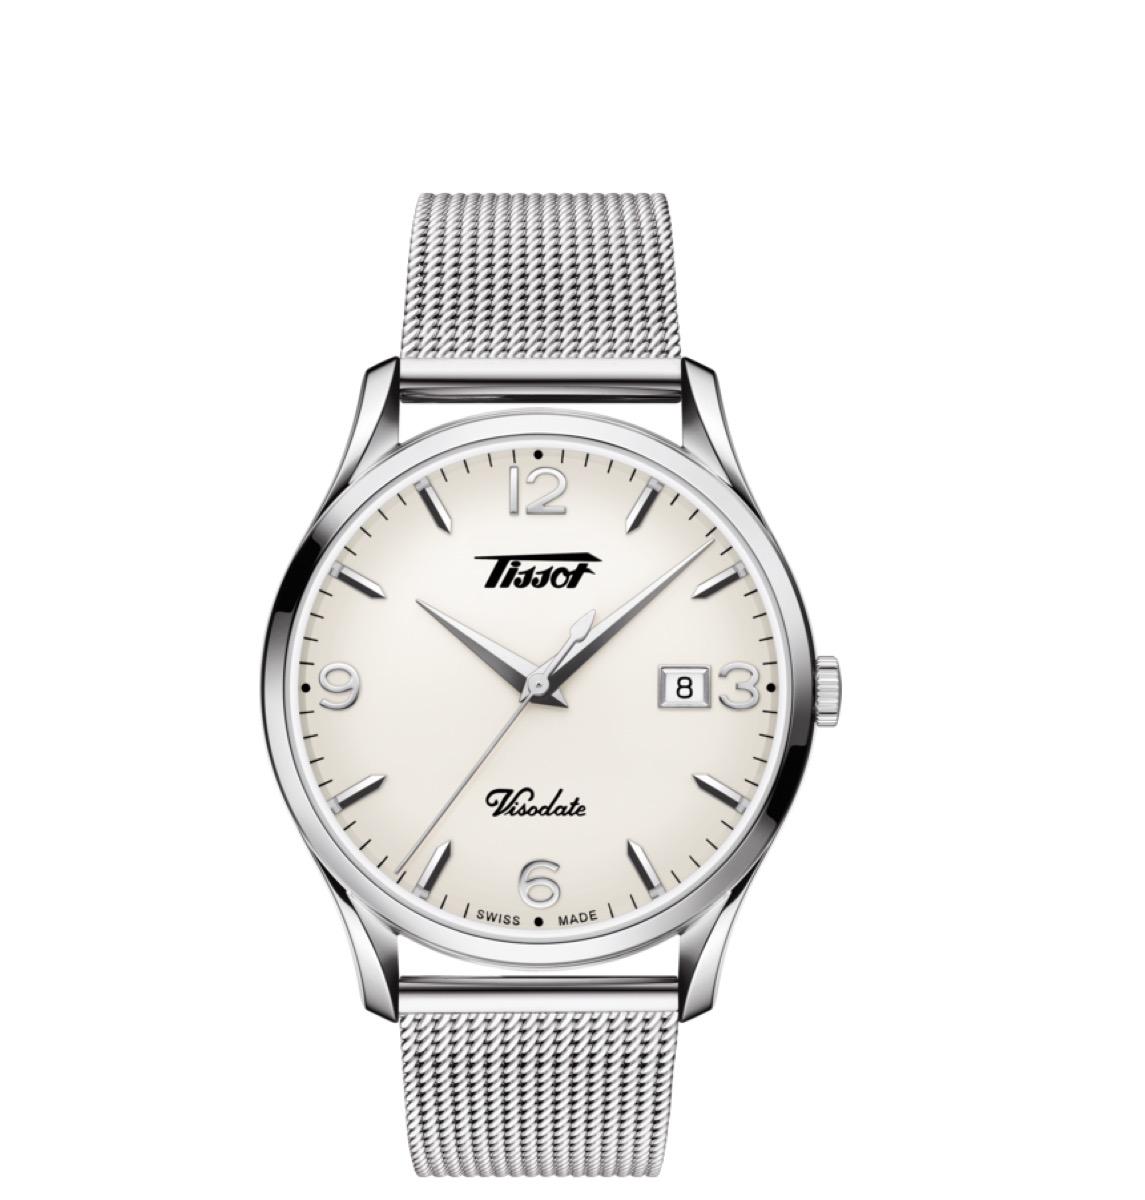 heritage tissot visodate watch, best boyfriend gifts